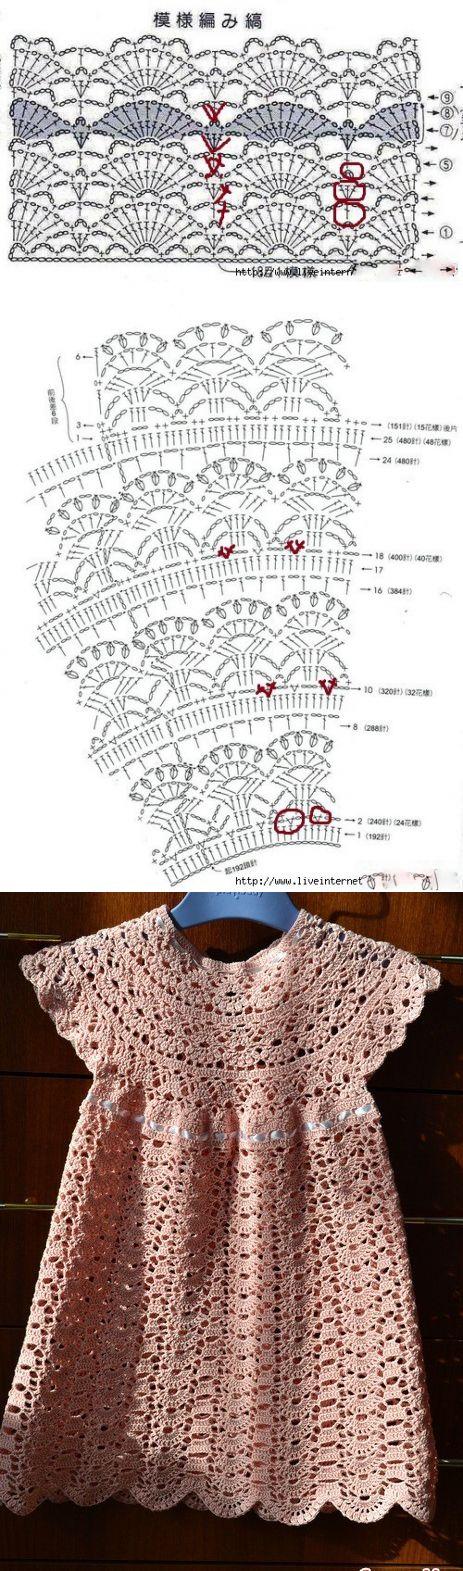 Mejores 71 imágenes de Sobrina en Pinterest | Vestidos para bebé de ...